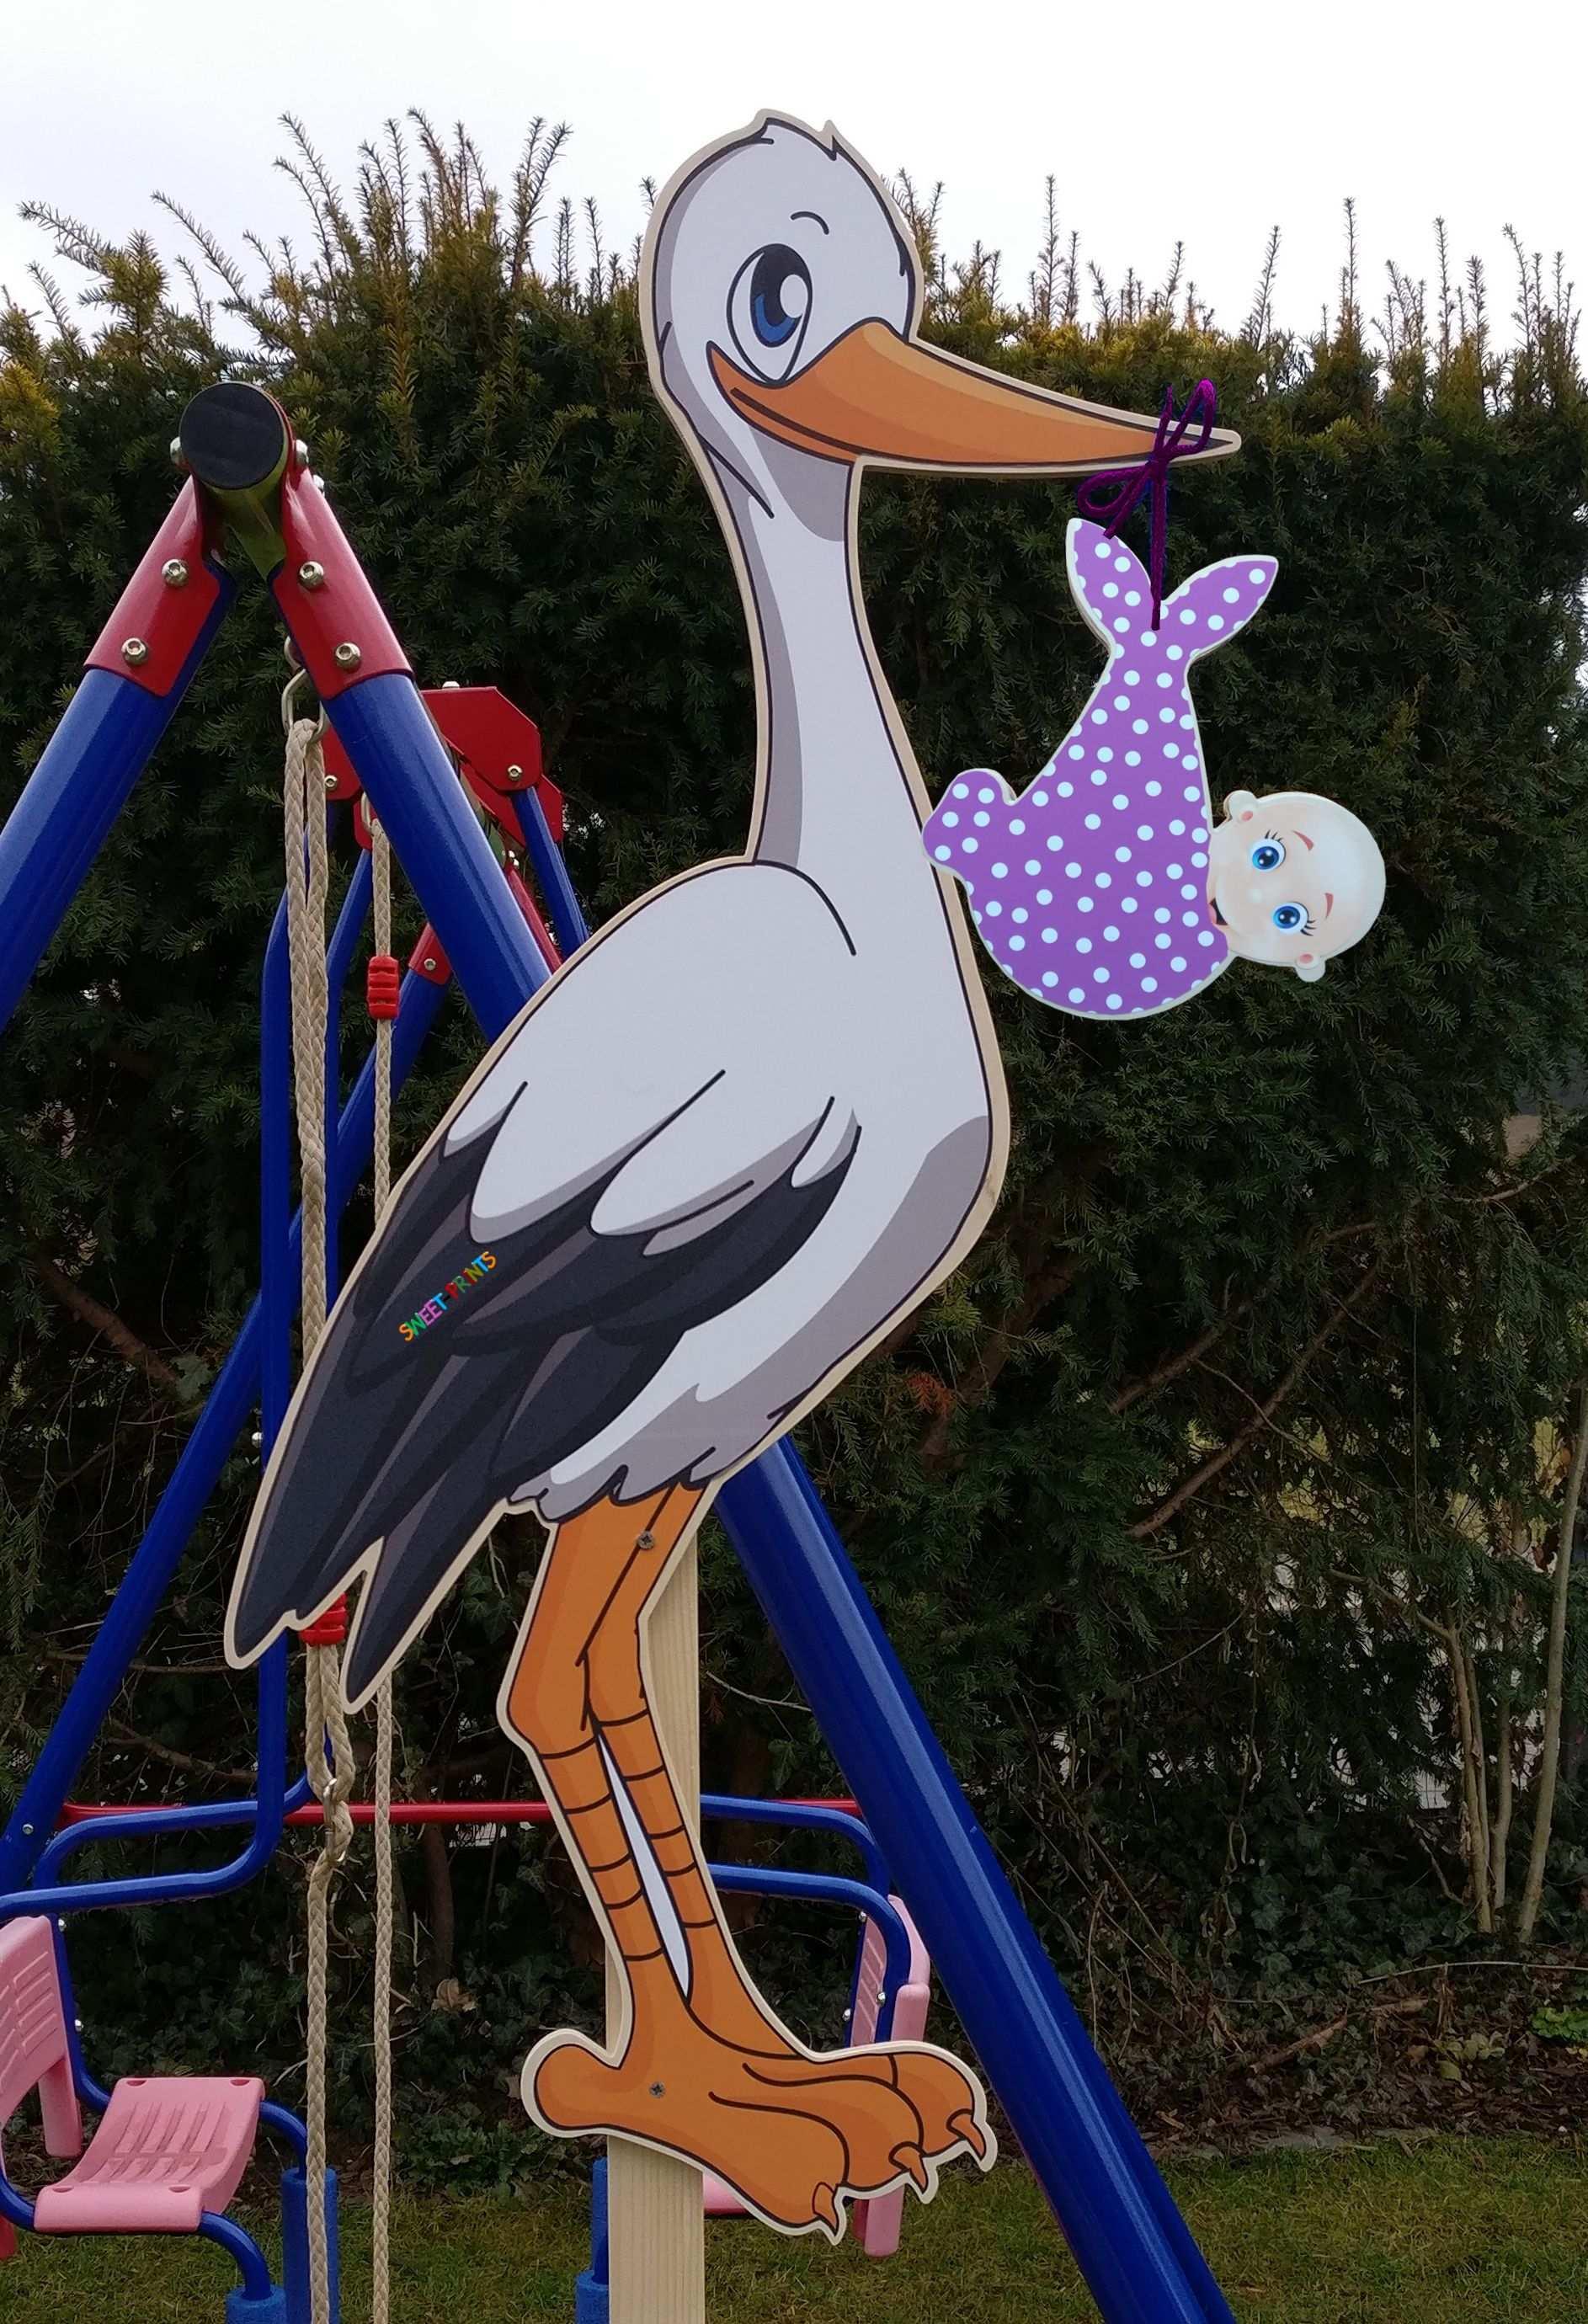 Babystorch Storch Mit Baby Babystorch Aus Holz Holz Baby Storch Storch Aus Holz Holzstorch Babystorch Aus H Klapperstorch Storch Baby Baby Storch Basteln